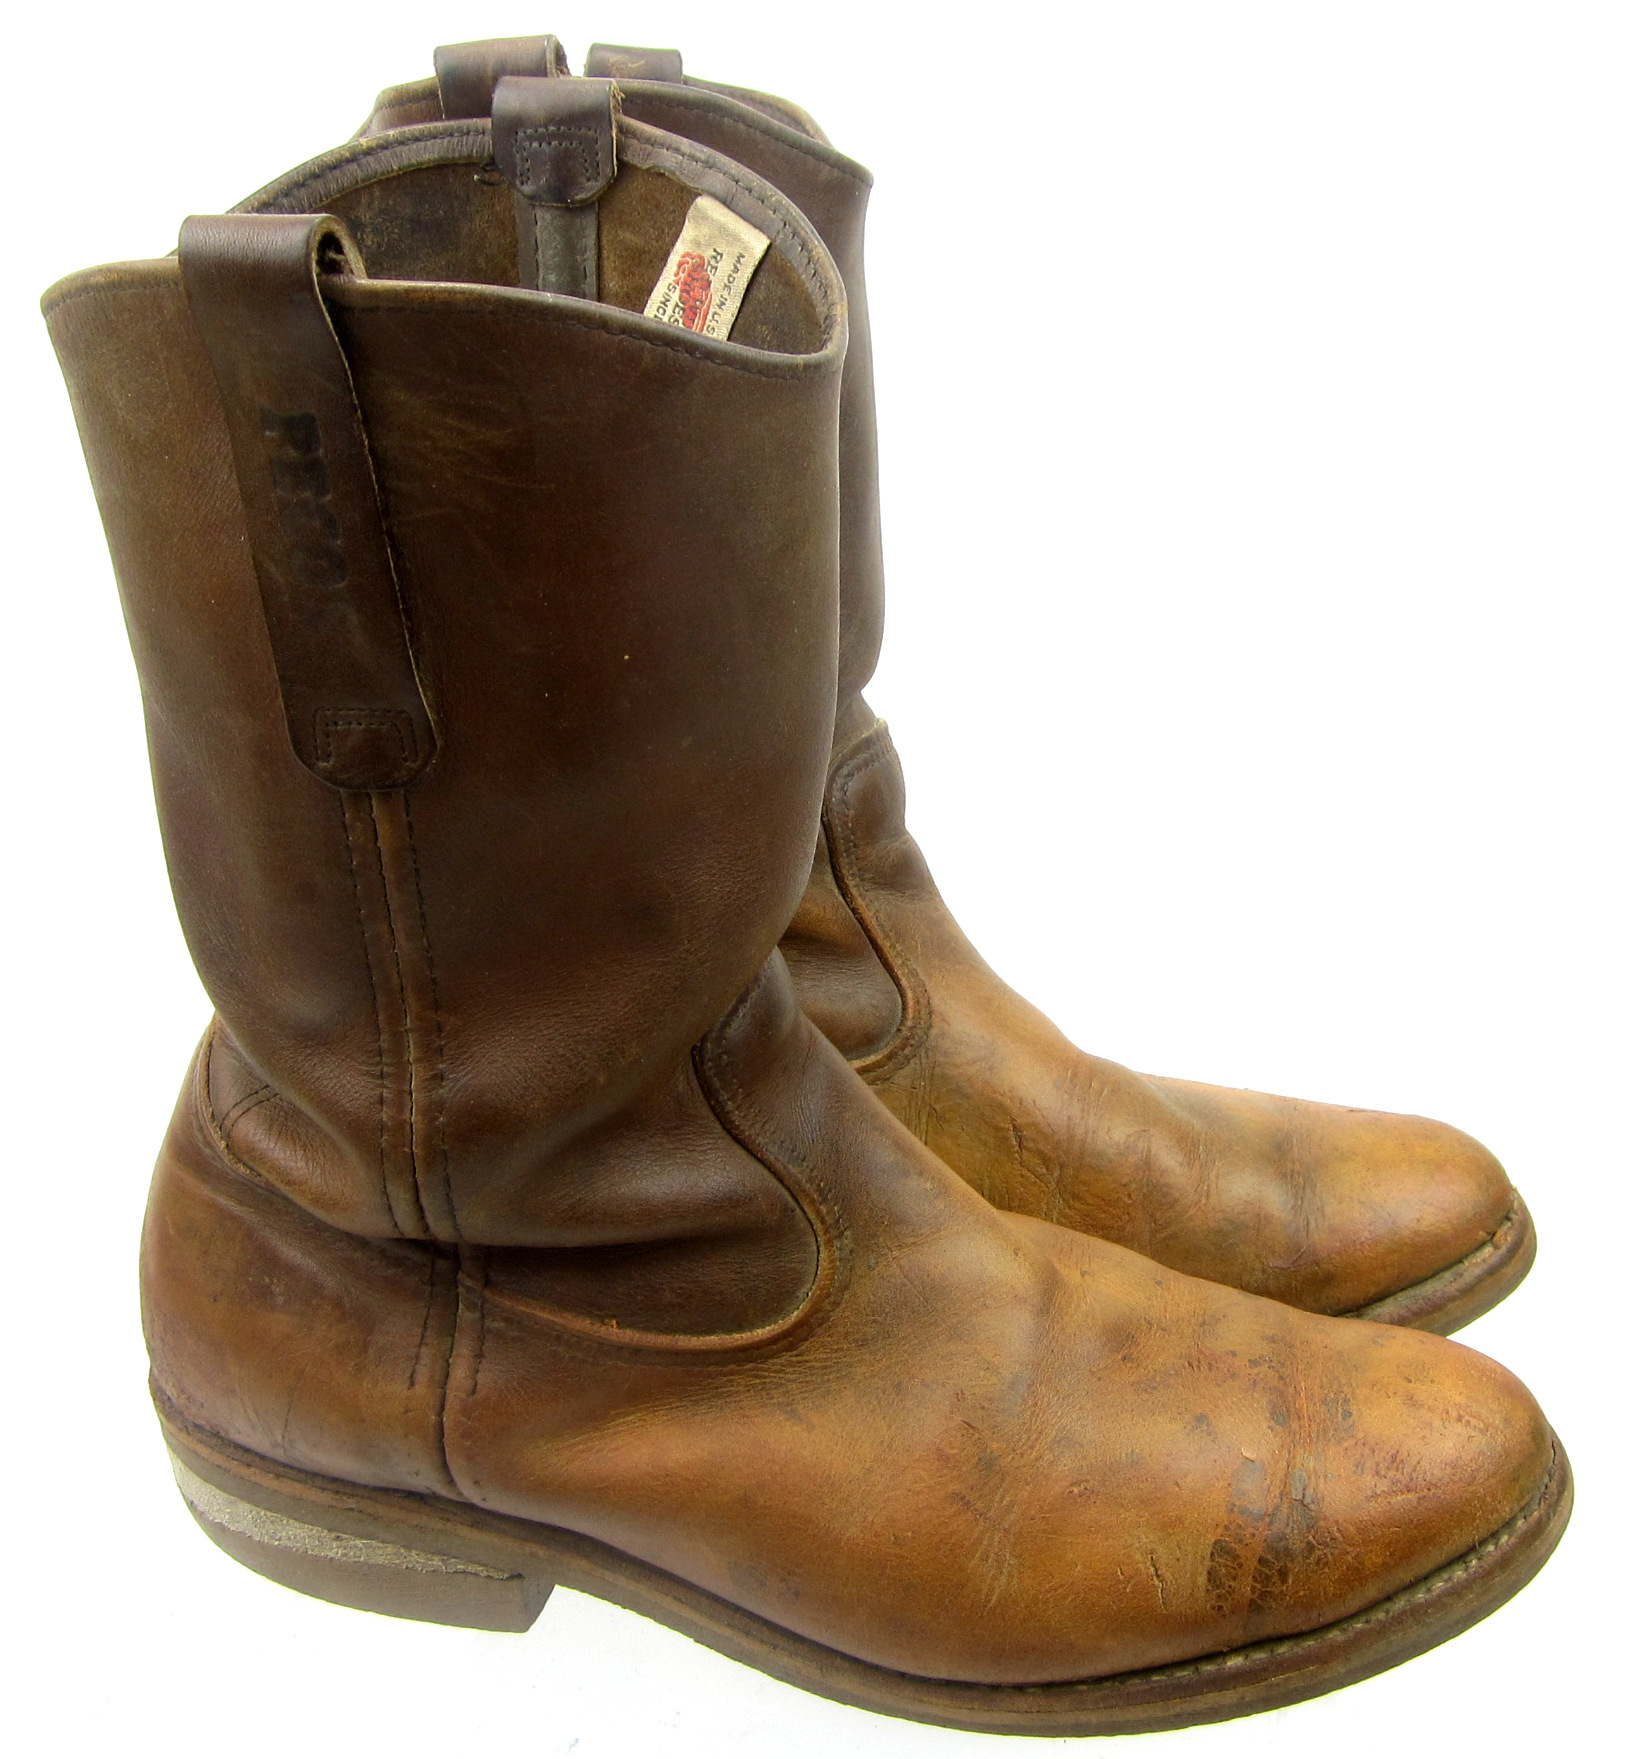 683544d6623 Work Boots